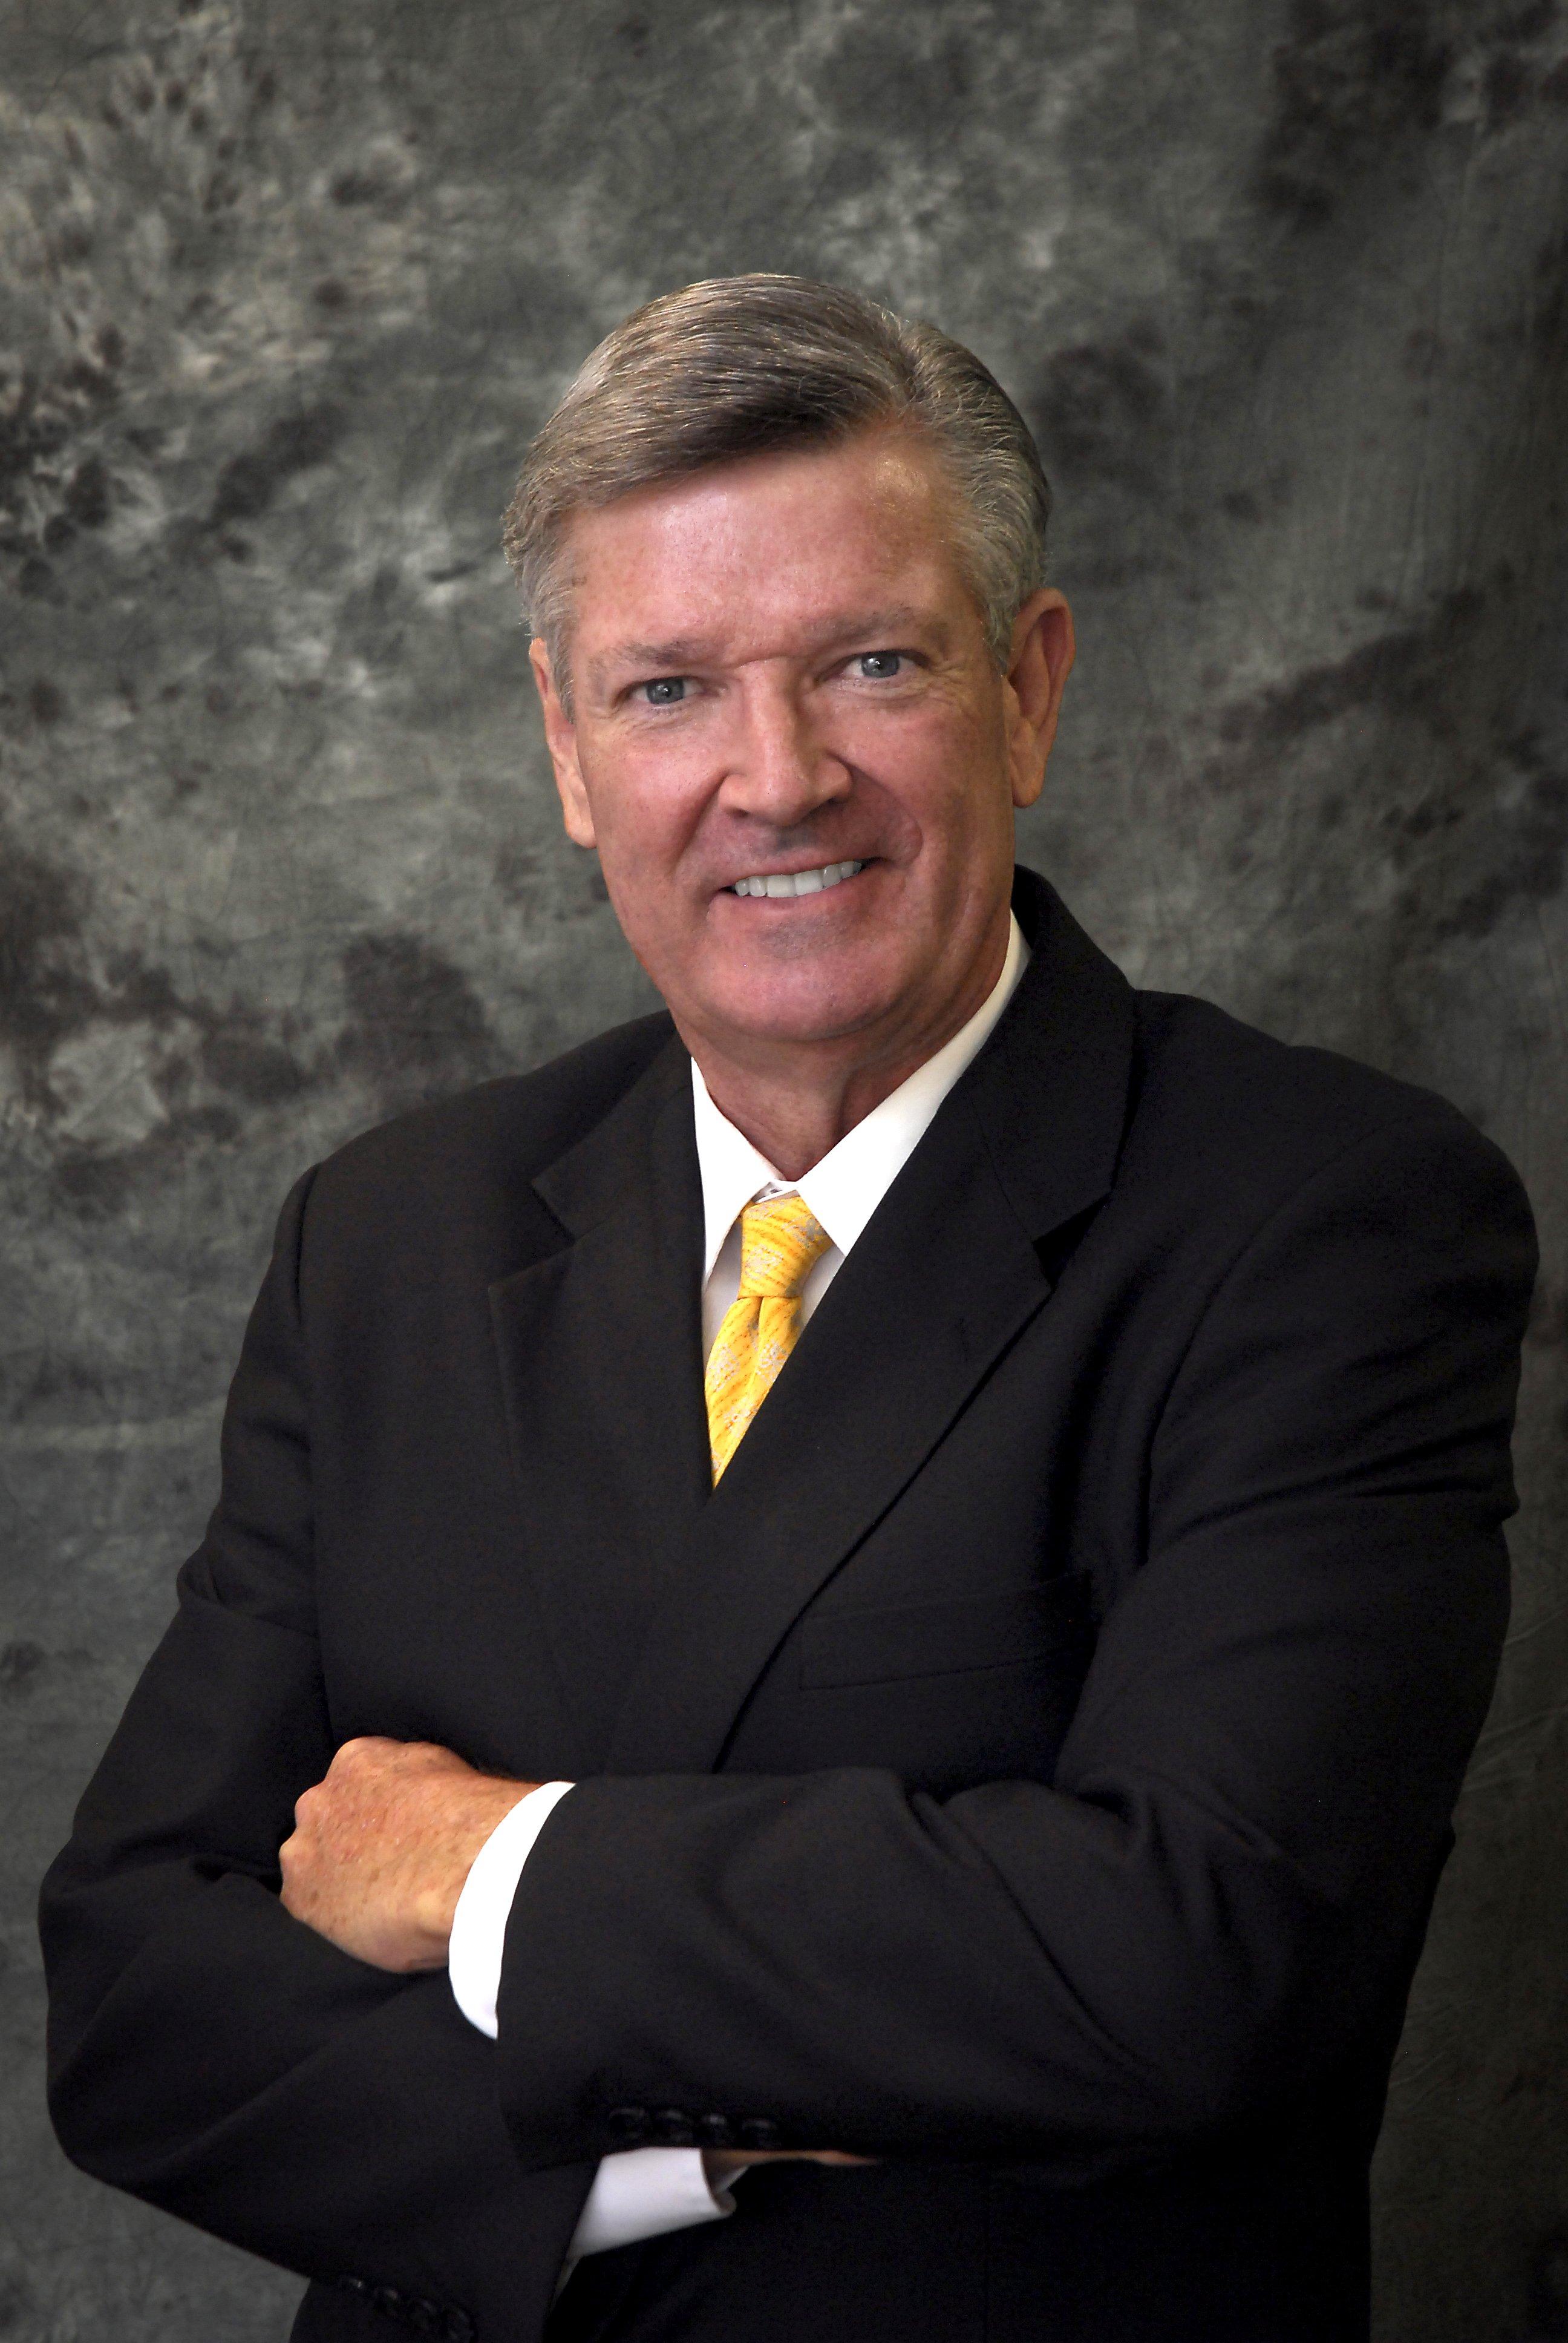 Rick Sletten